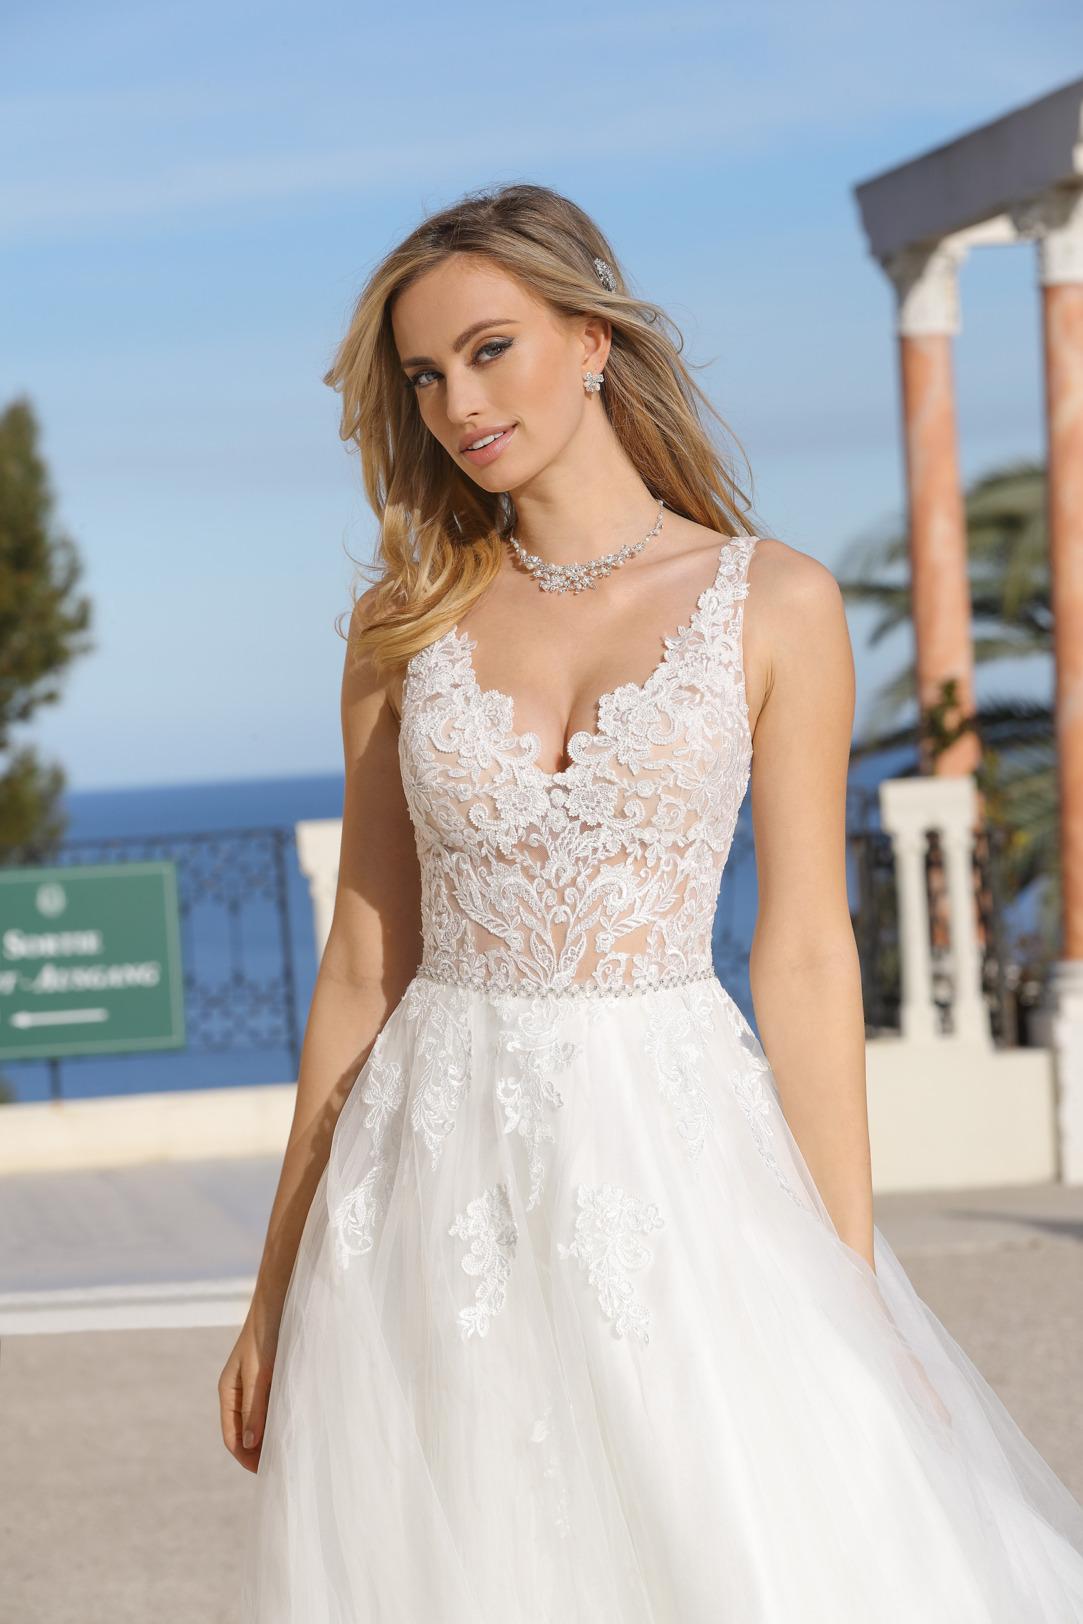 Prinzessinnen Brautkleid von Ladybird Modell 321042 mit transparenter Spitze und V Ausschnitt Nahaufnahme vorne